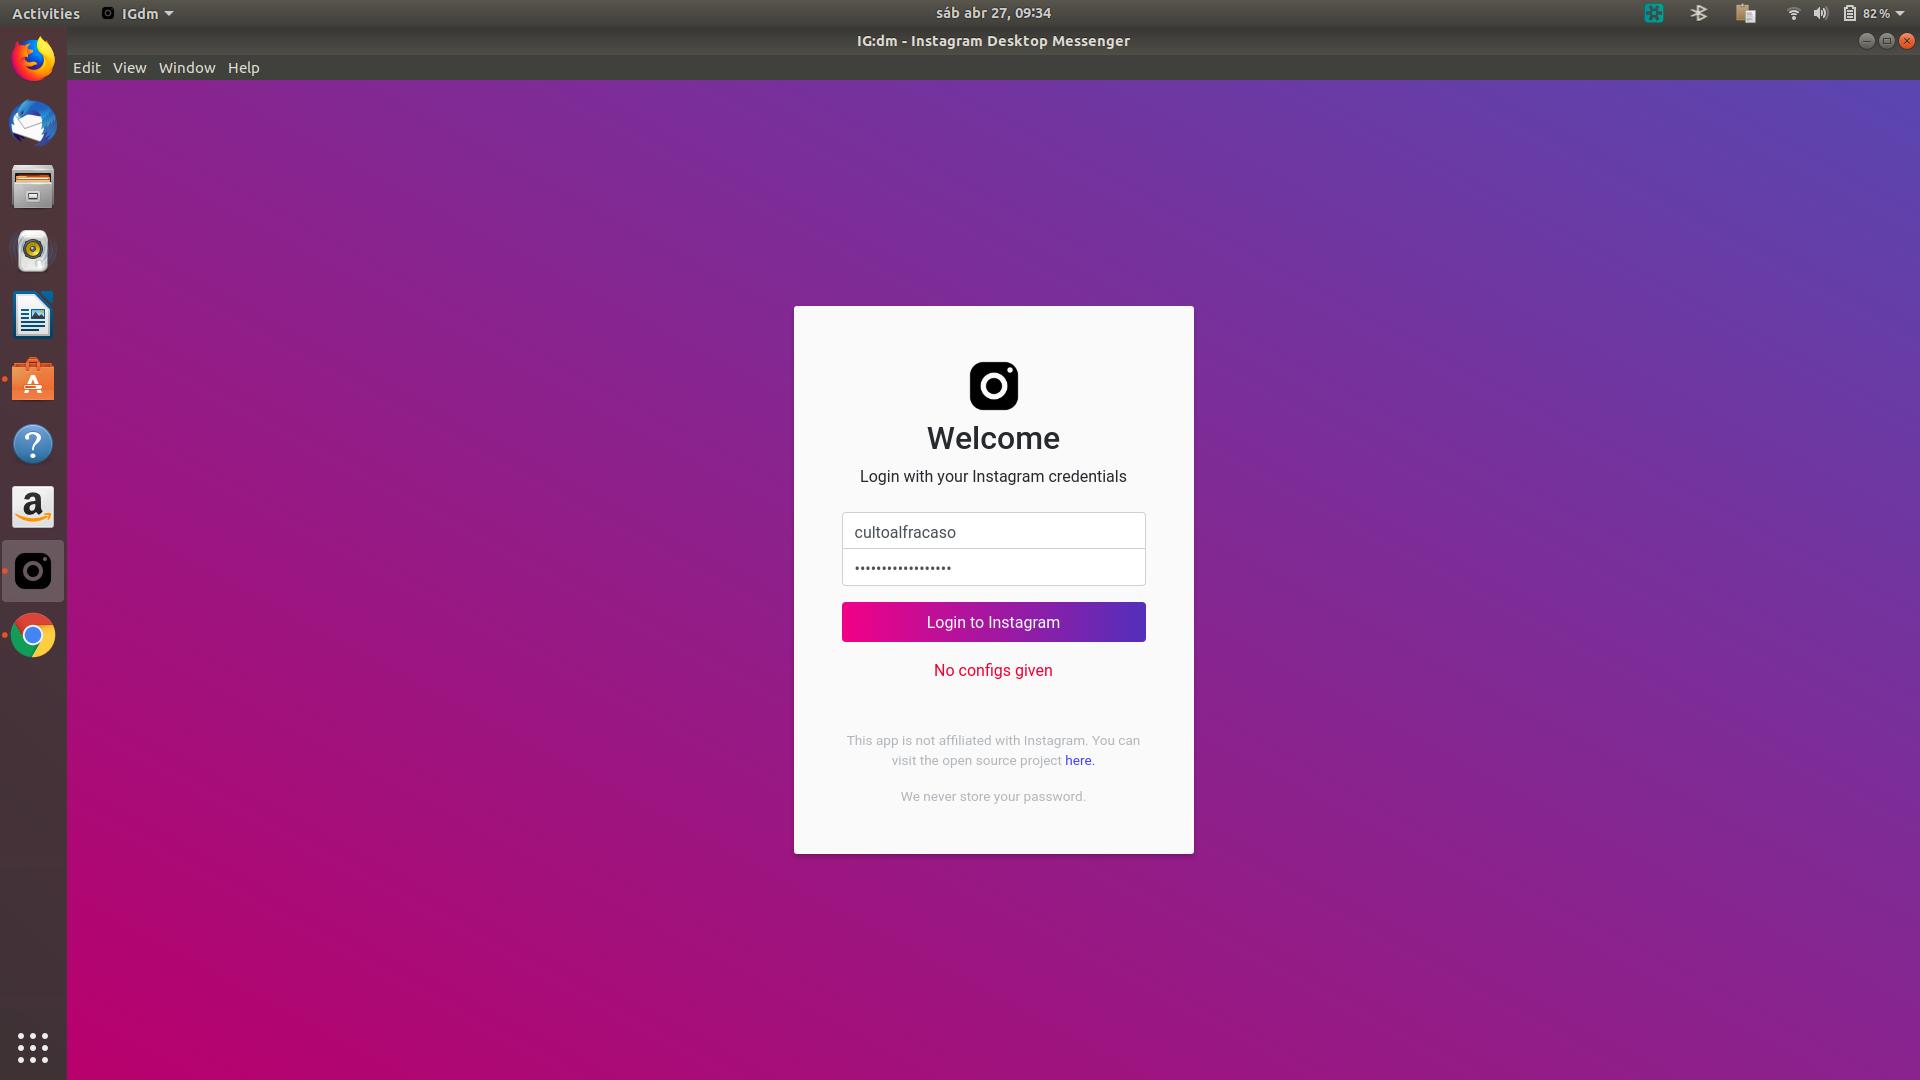 Can't login in IG:dm on Ubuntu 18 04 · Issue #936